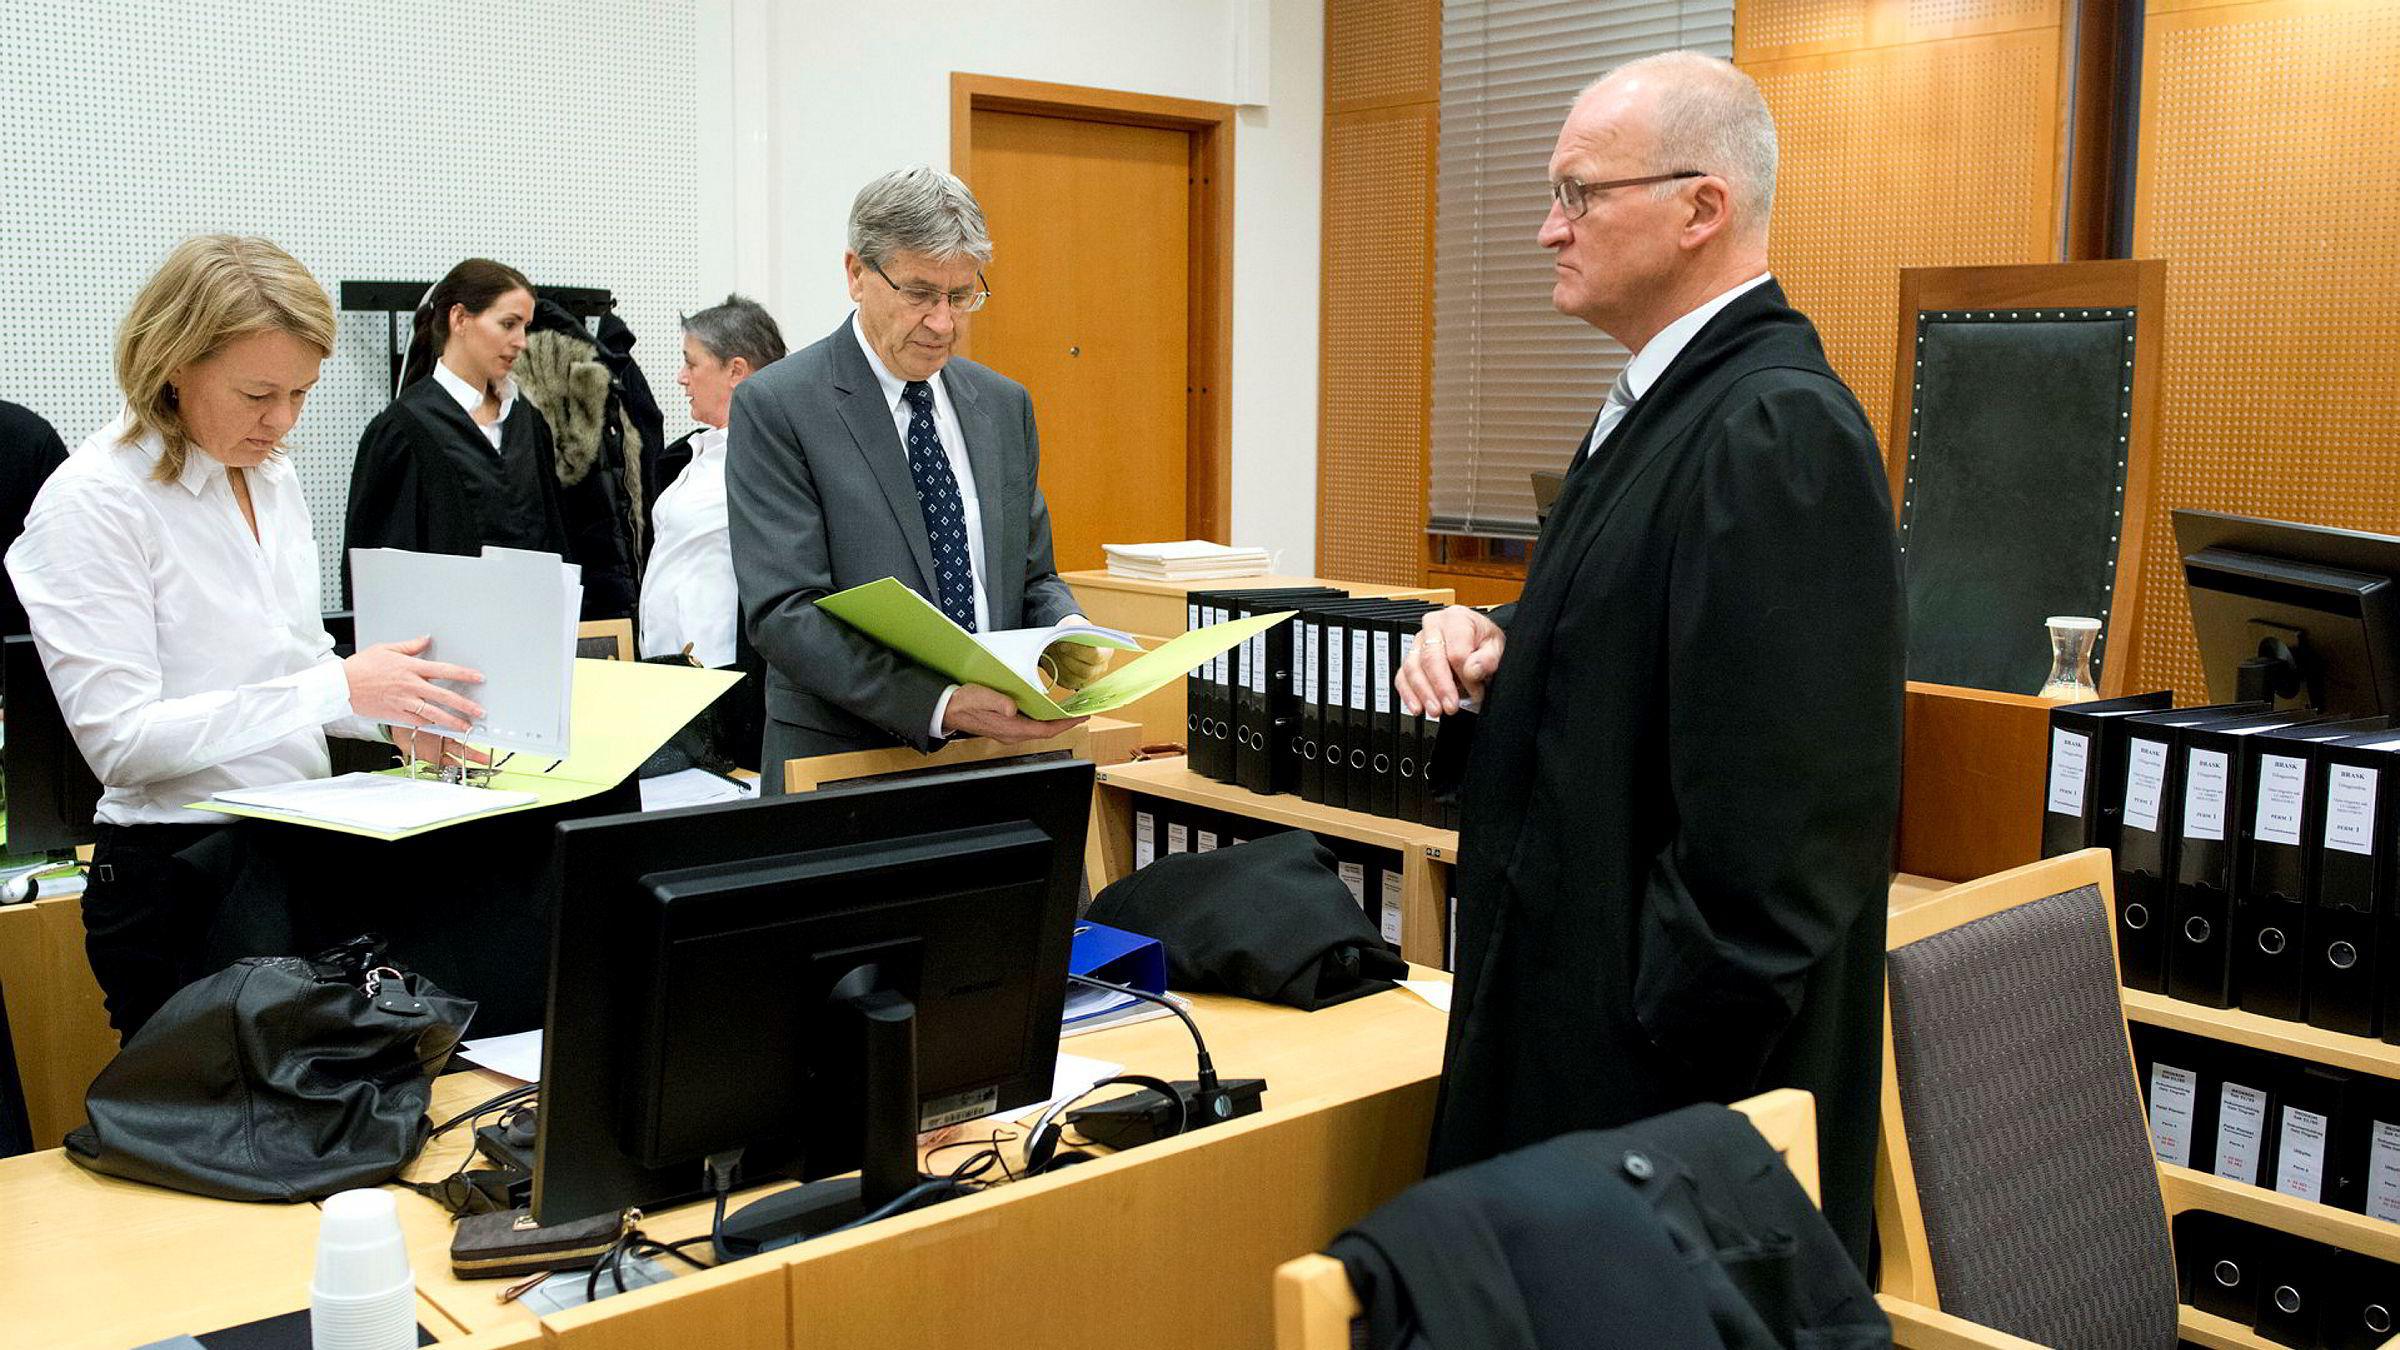 Advokat Ann Johnsen (fra venstre), advokatfullmektig Siri Ross Wessel, advokat Berit Reiss-Andersen, advokat Erik Keiserud og advokat Erling O. Lyngtveit under Transocean-saken i Oslo tingrett i 2012.